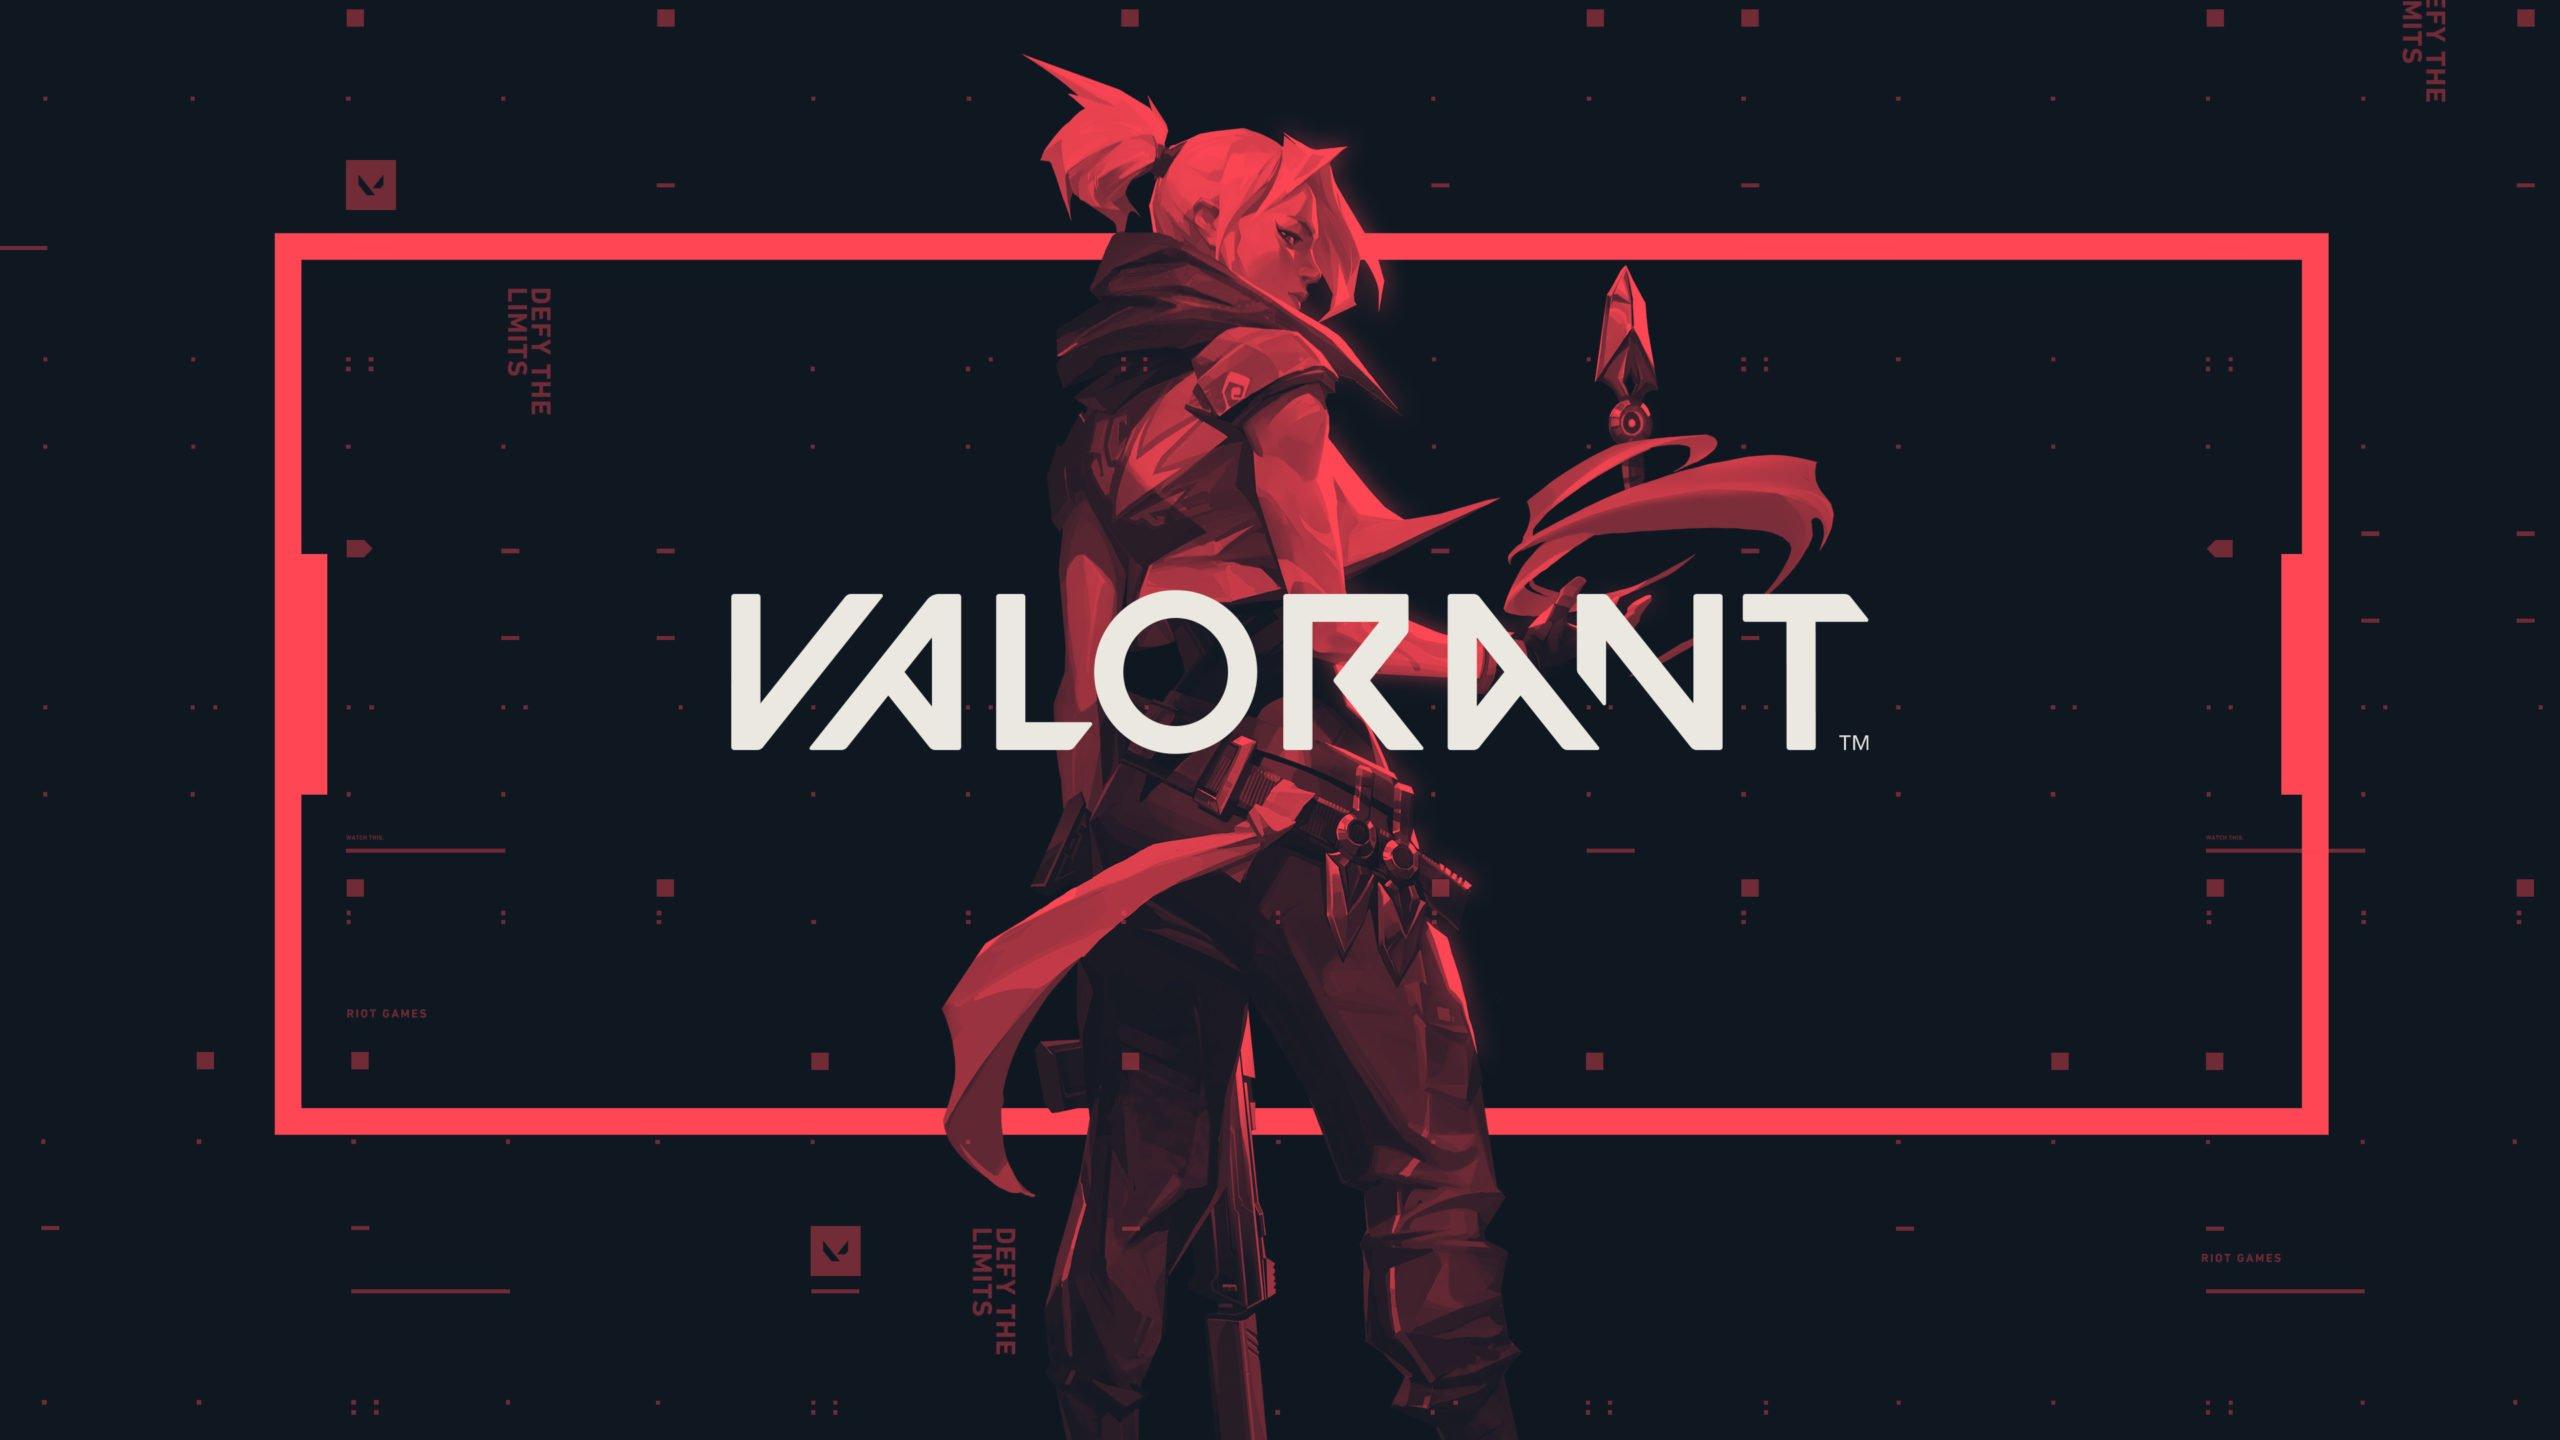 VALORANT foi indicado na categoria EE Game of The Year, e essa será a única modalidade que será submetida à votação popular no BAFTA.